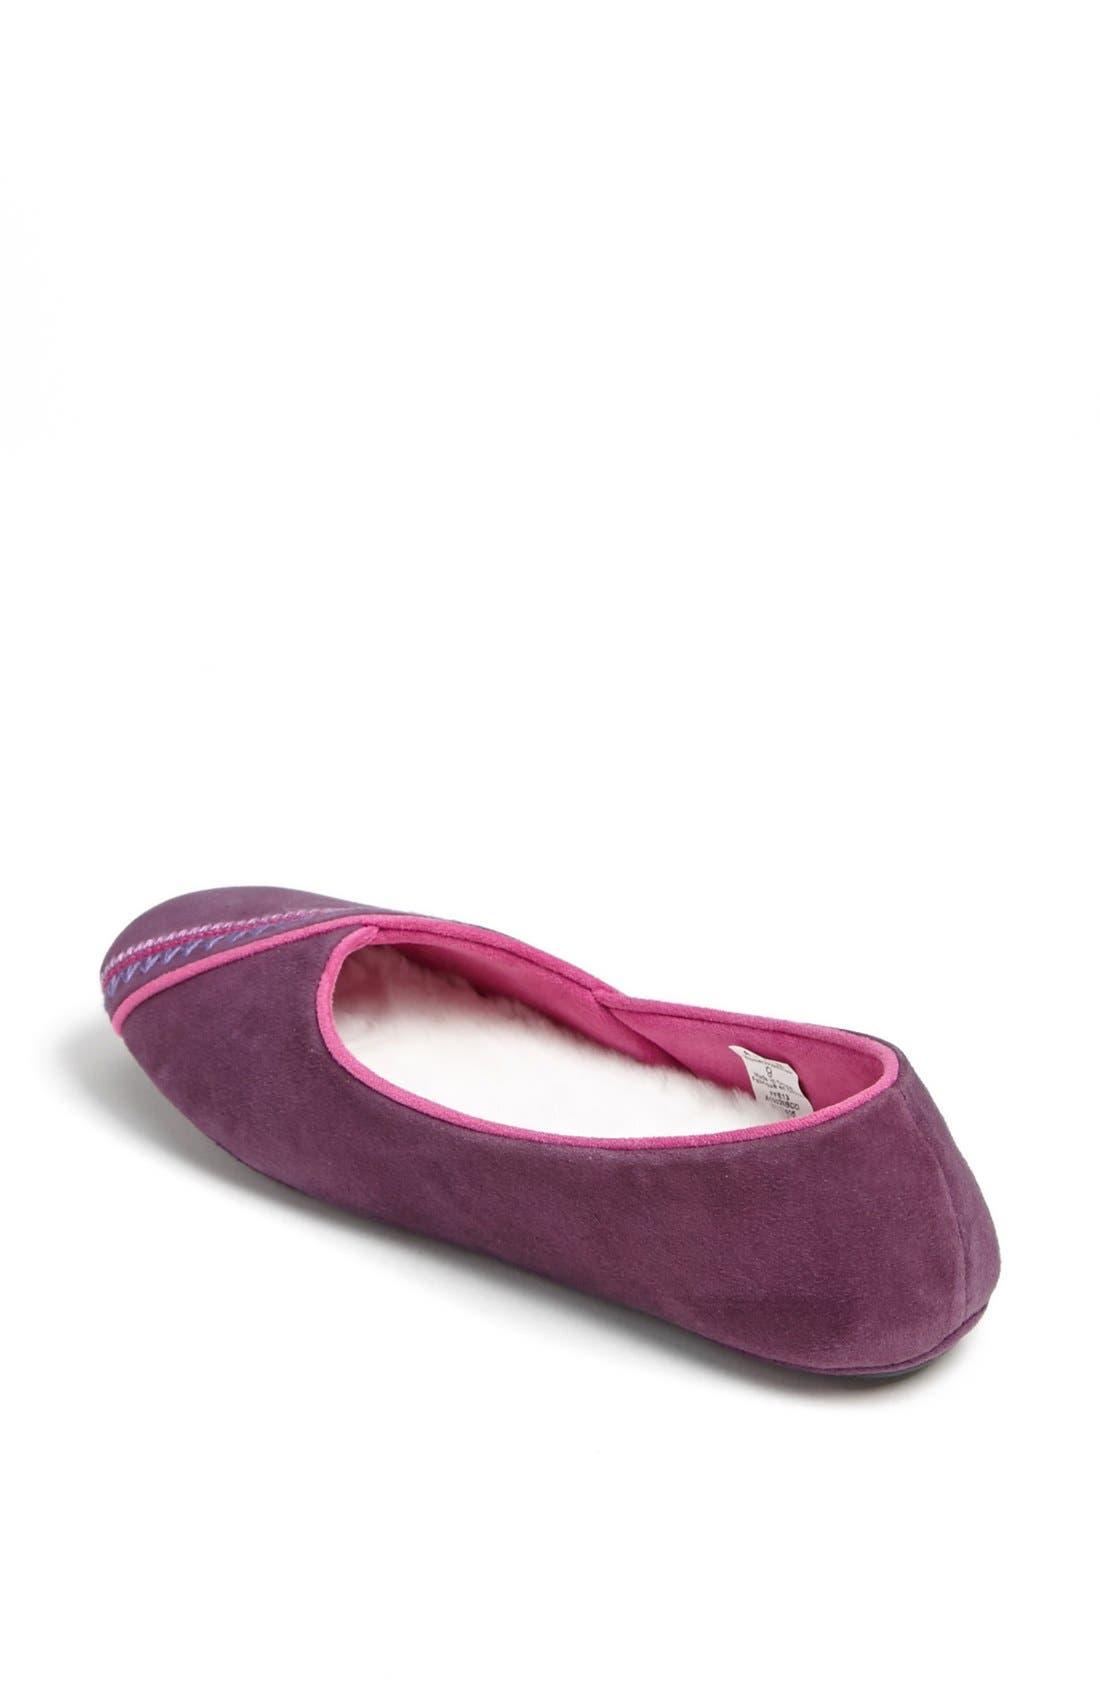 Alternate Image 2  - Acorn Ballet Slipper